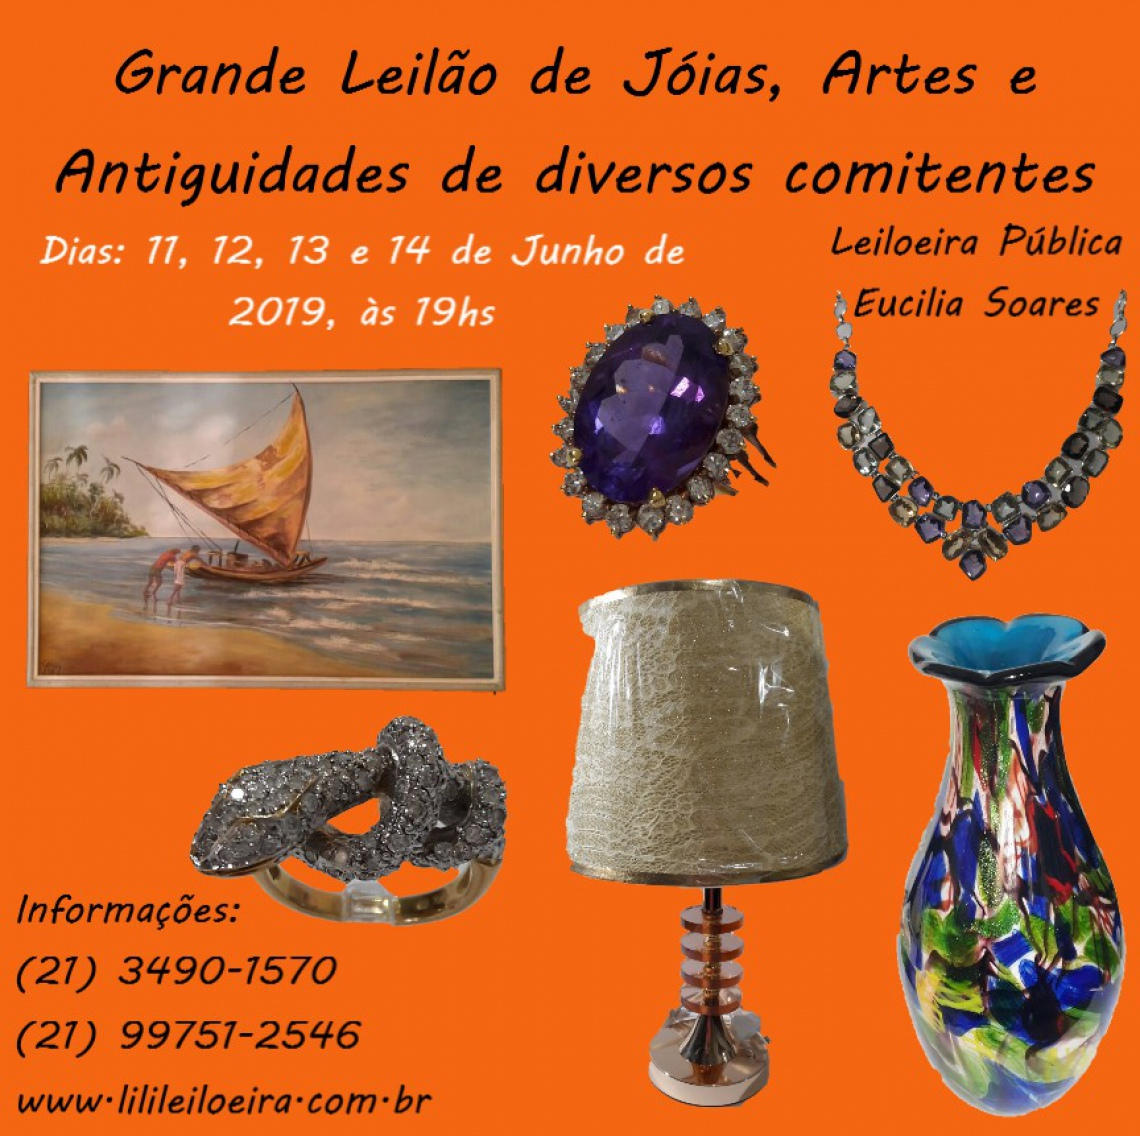 GRANDE LEILÃO DE JÓIAS,  ARTES, NUMISMÁTICA E ANTIGUIDADES, DE DIVERSOS COMITENTES